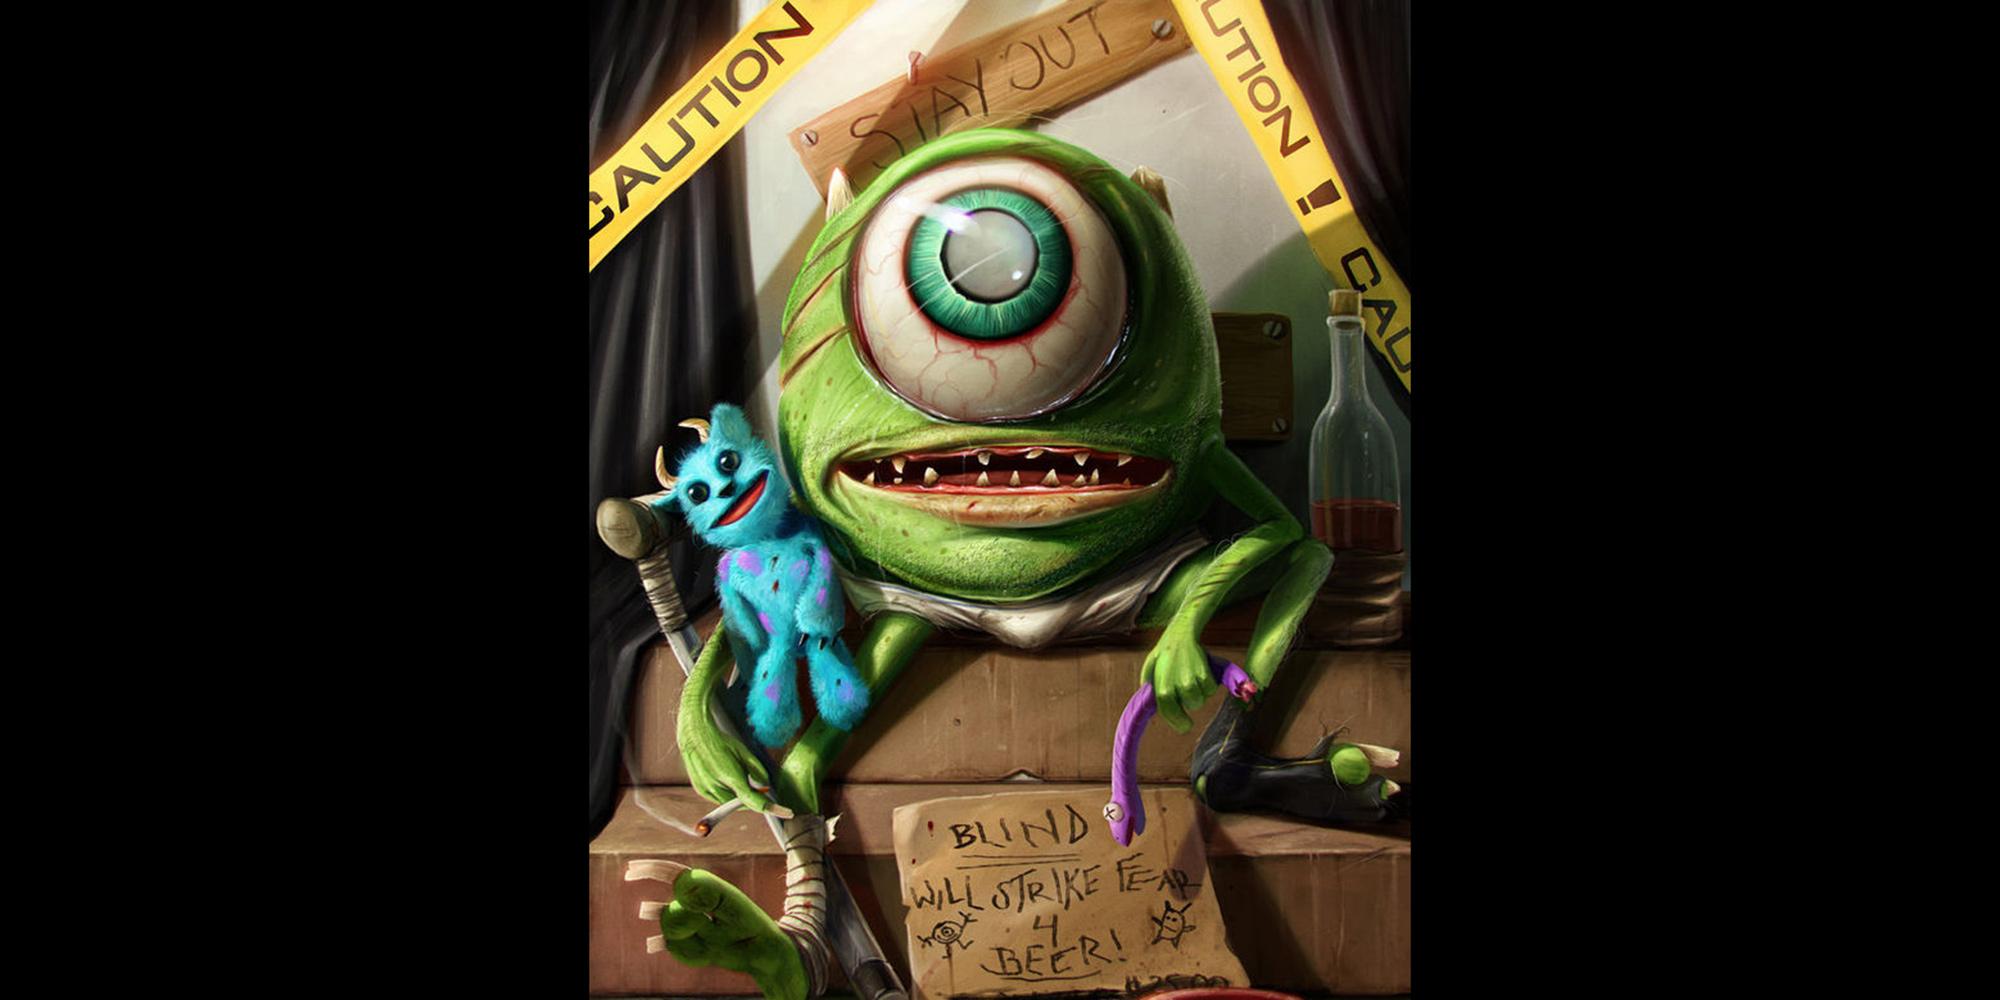 Monsters Inc Disturbing Disney Fan Art